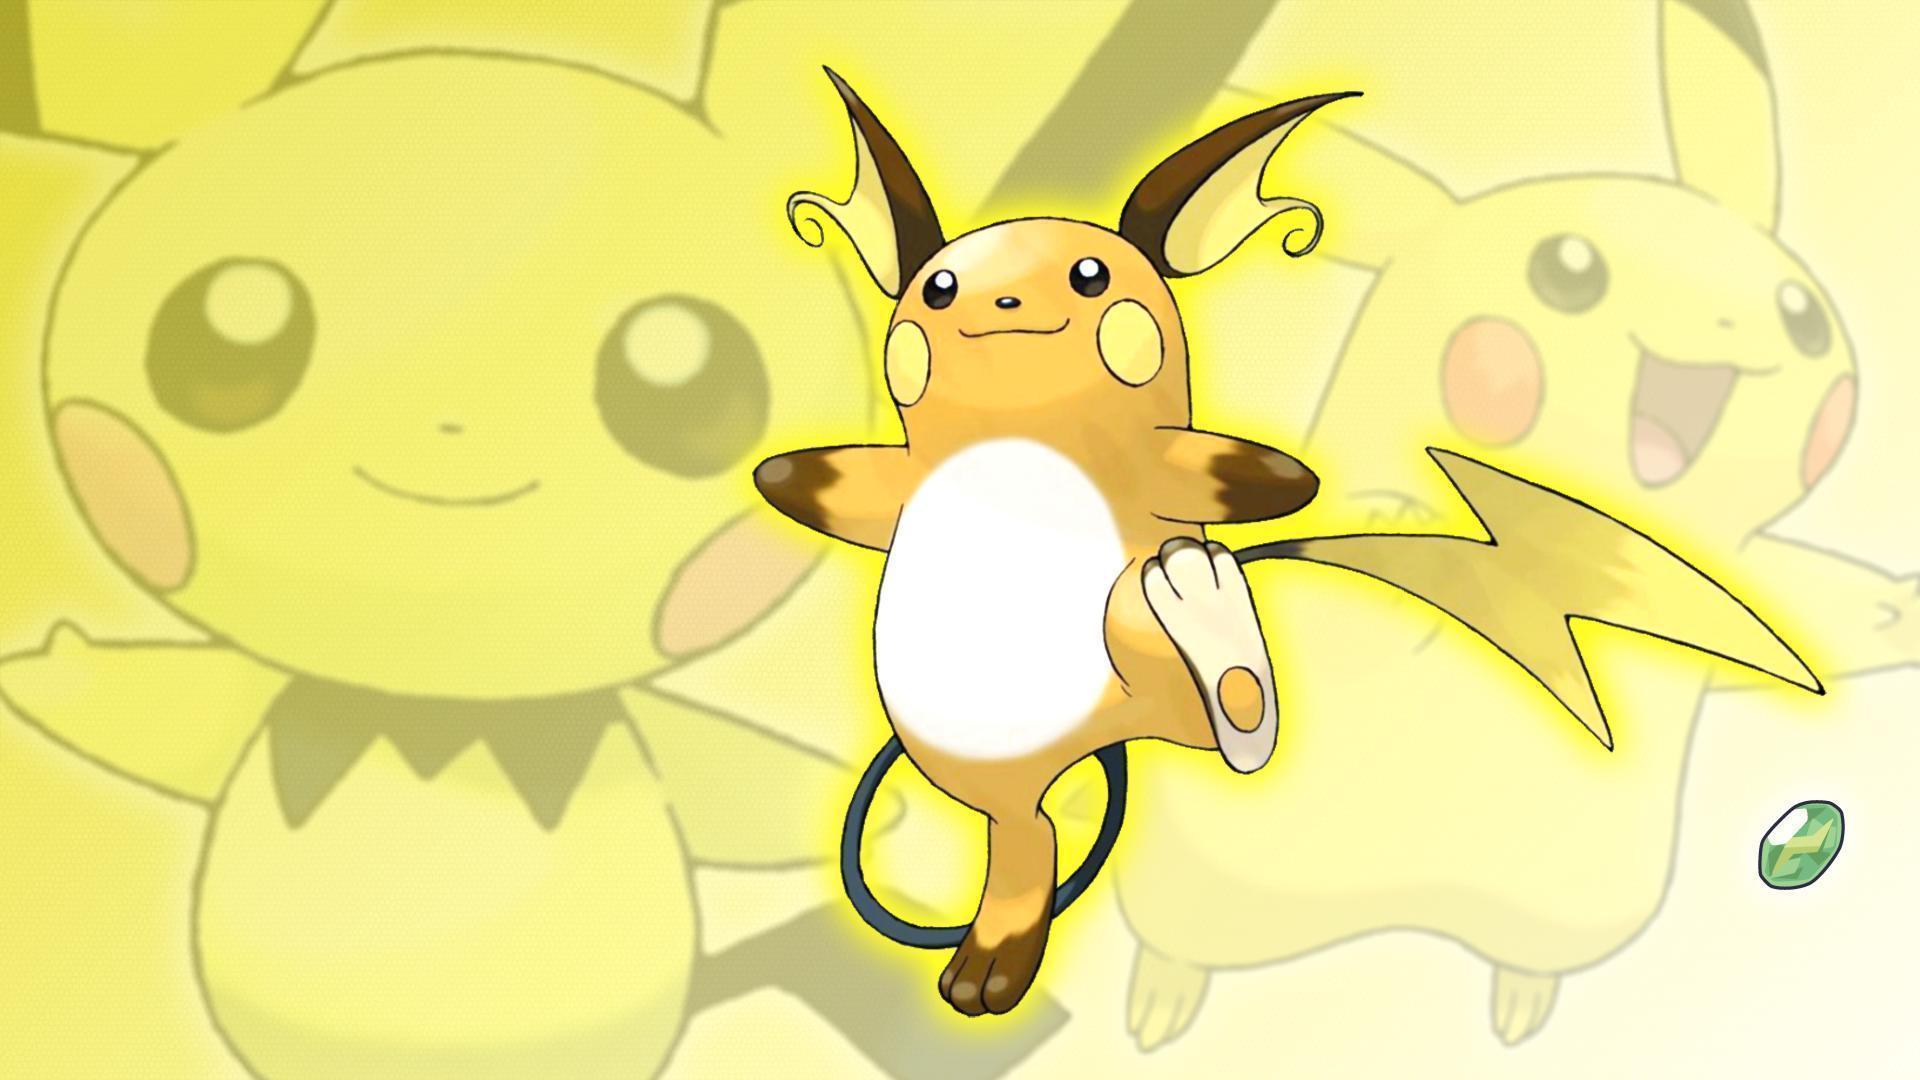 Raichu Wallpapers - Wallpaper CavePichu Pikachu Raichu